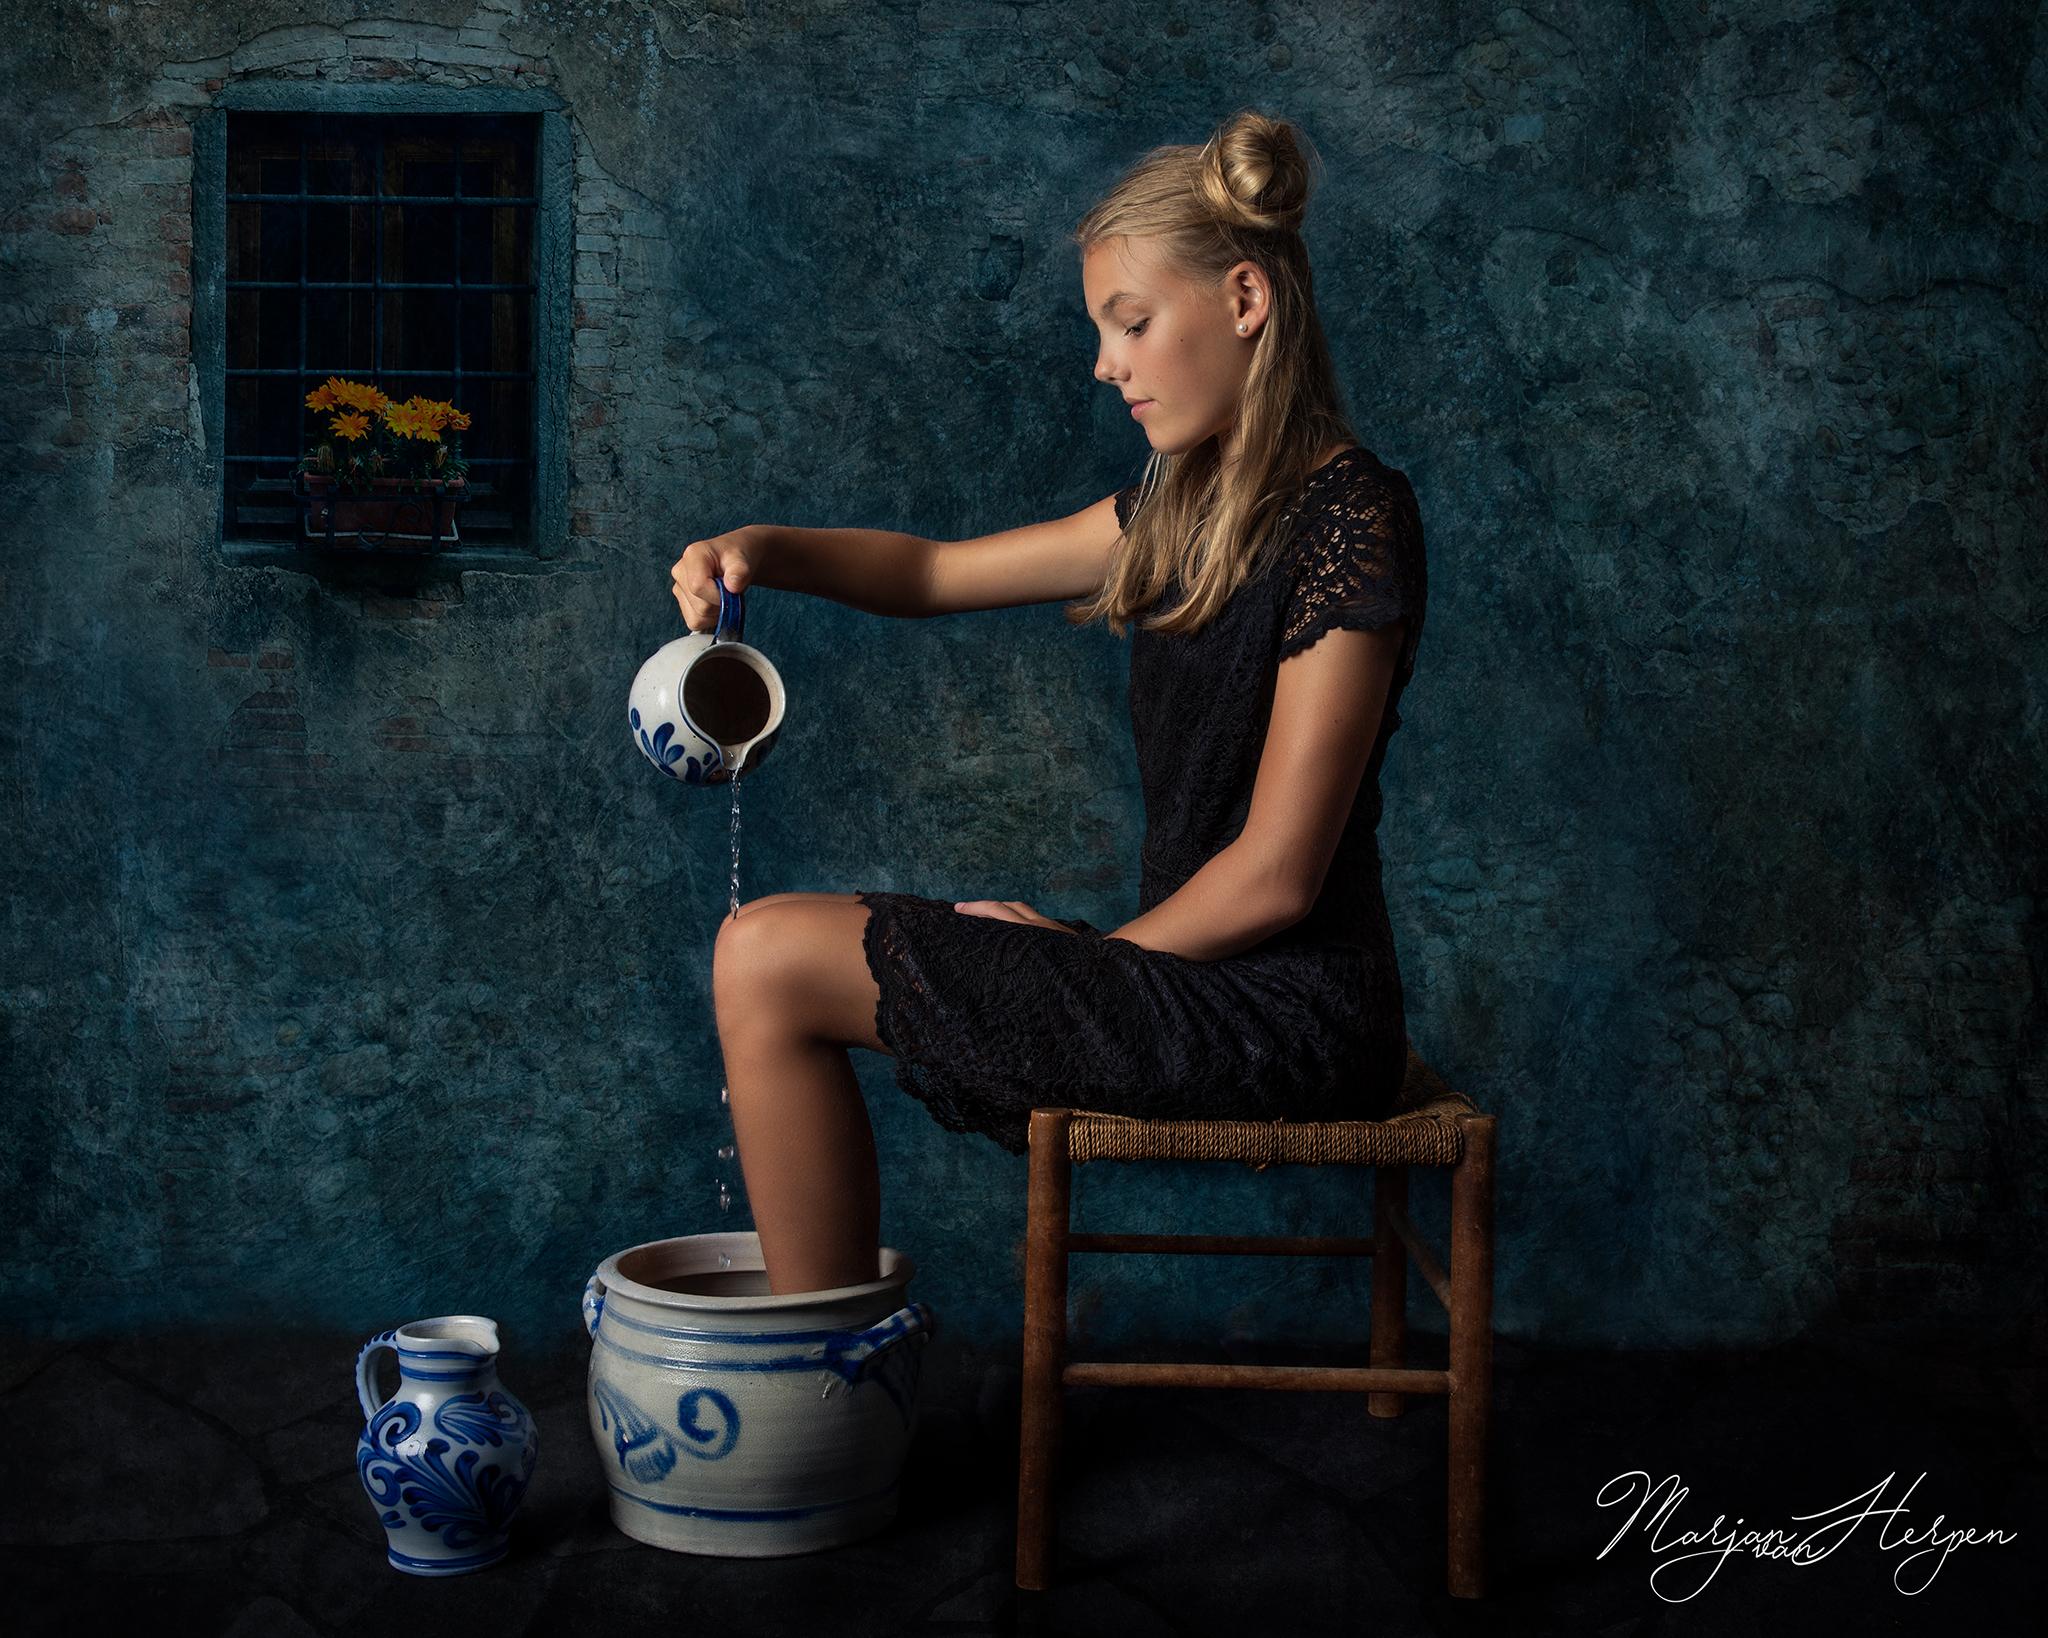 Fineart portret van meisje met voeten in aardwerken pot die water schenkt